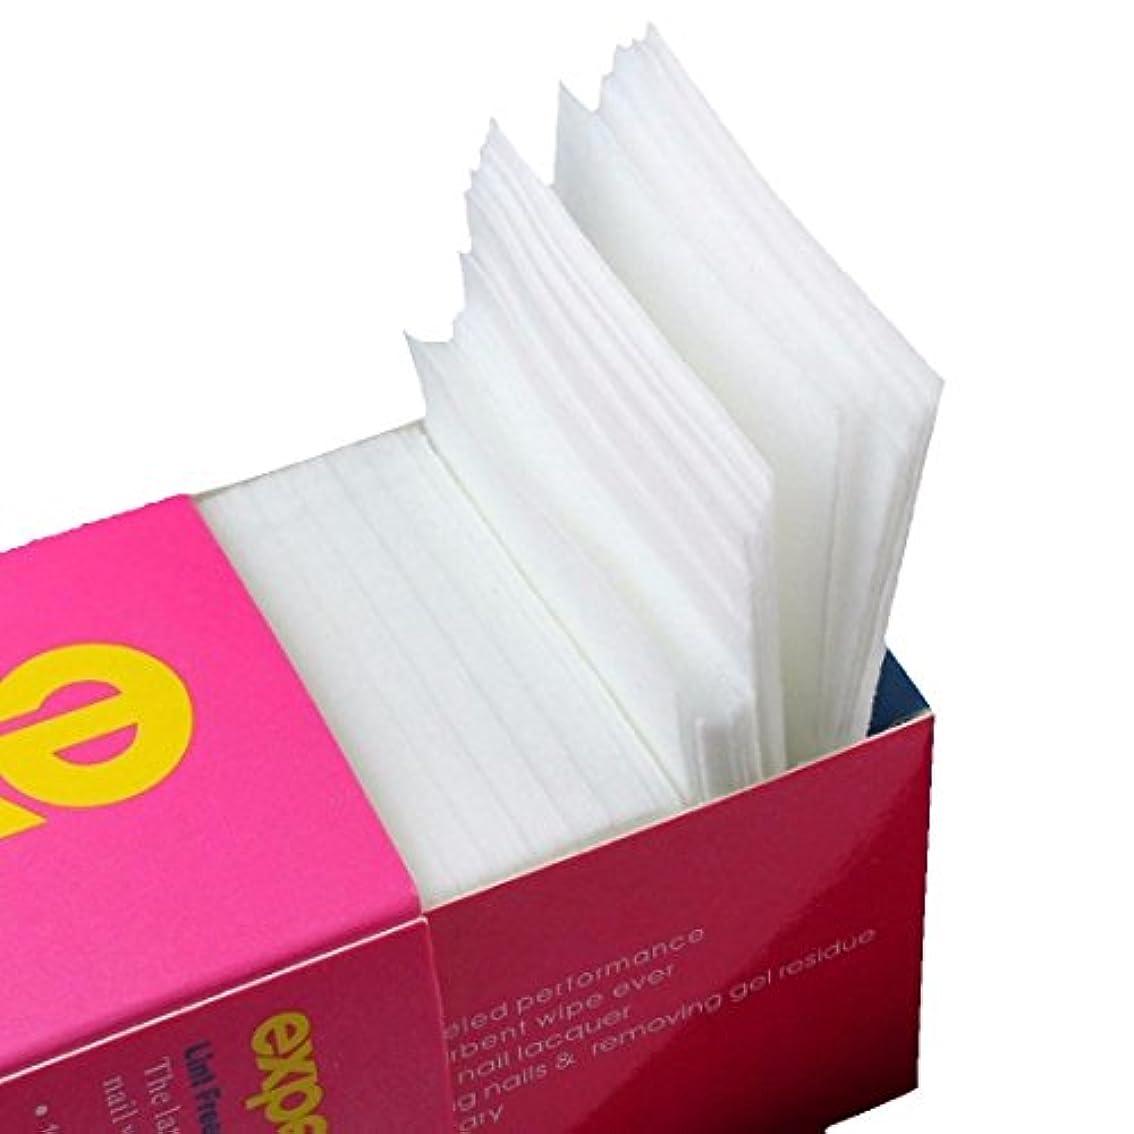 過敏な異常革新Cikuso 325枚ネイルワイプリントフリーコットンパッド、ネイルジェル除去用不織布綿シートネイルポリッシュクリーニングパッド